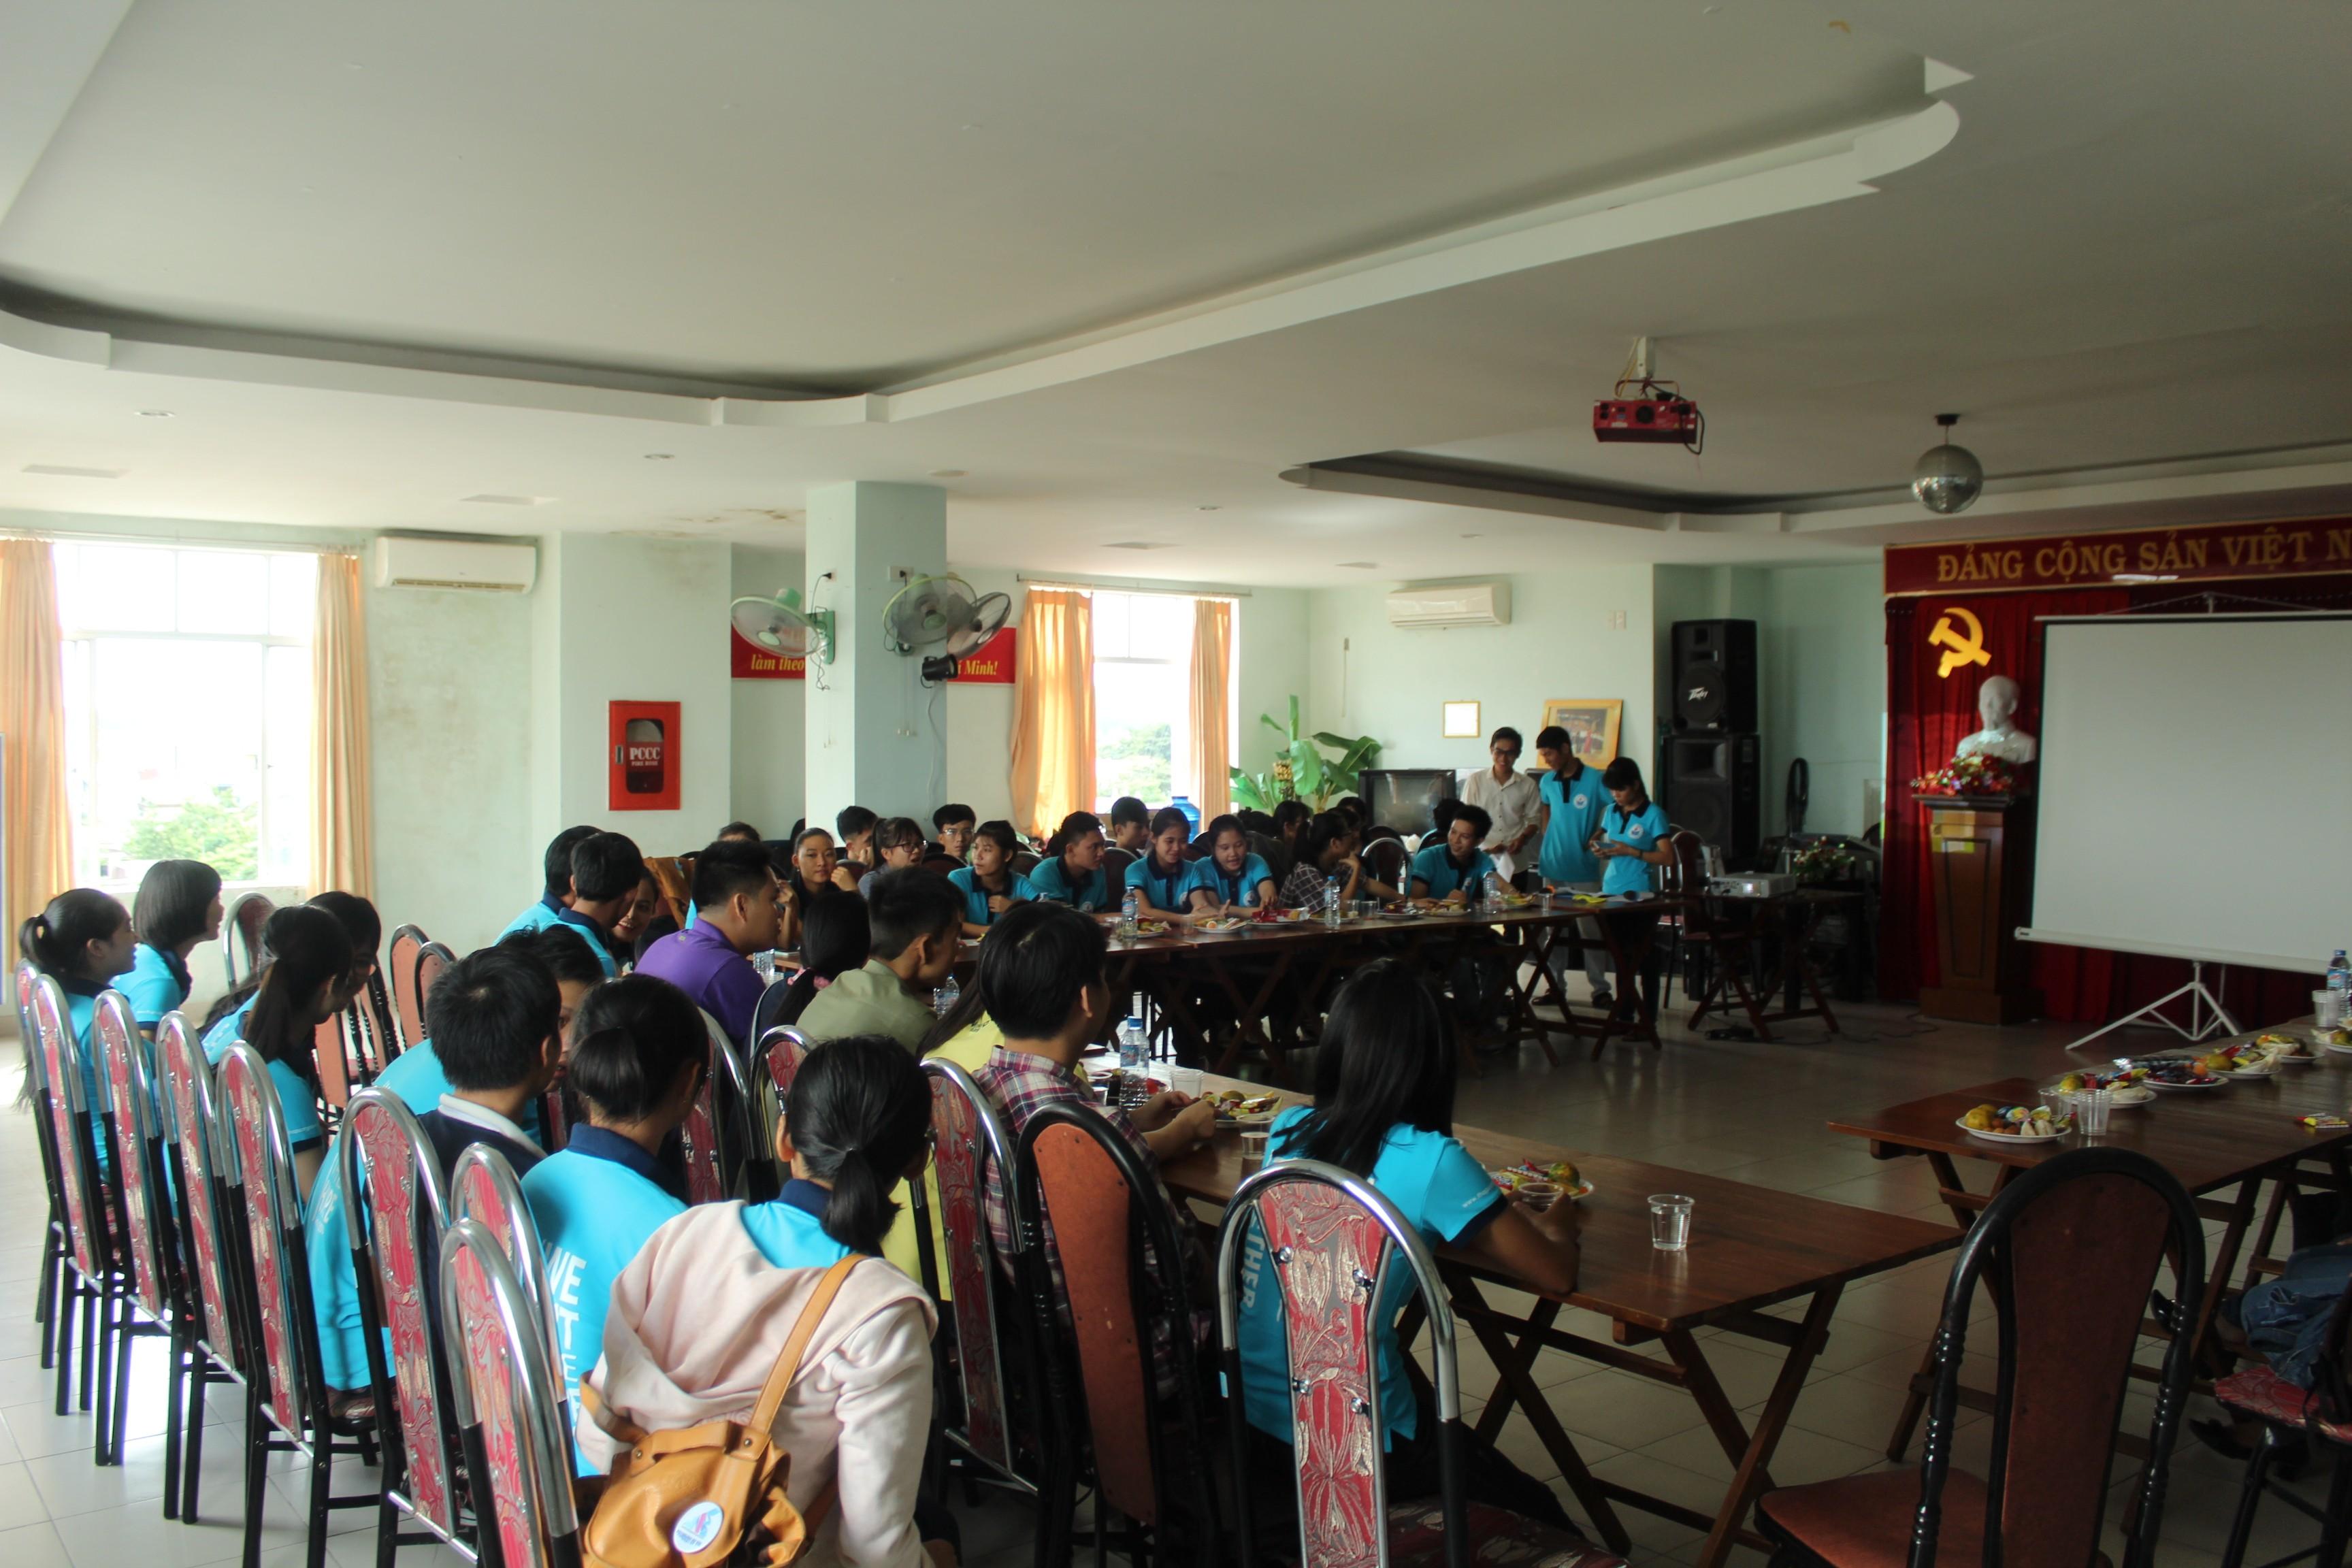 Chương trình sinh hoạt - giao lưu của cộng đồng miền Trung quý 3 năm 2016